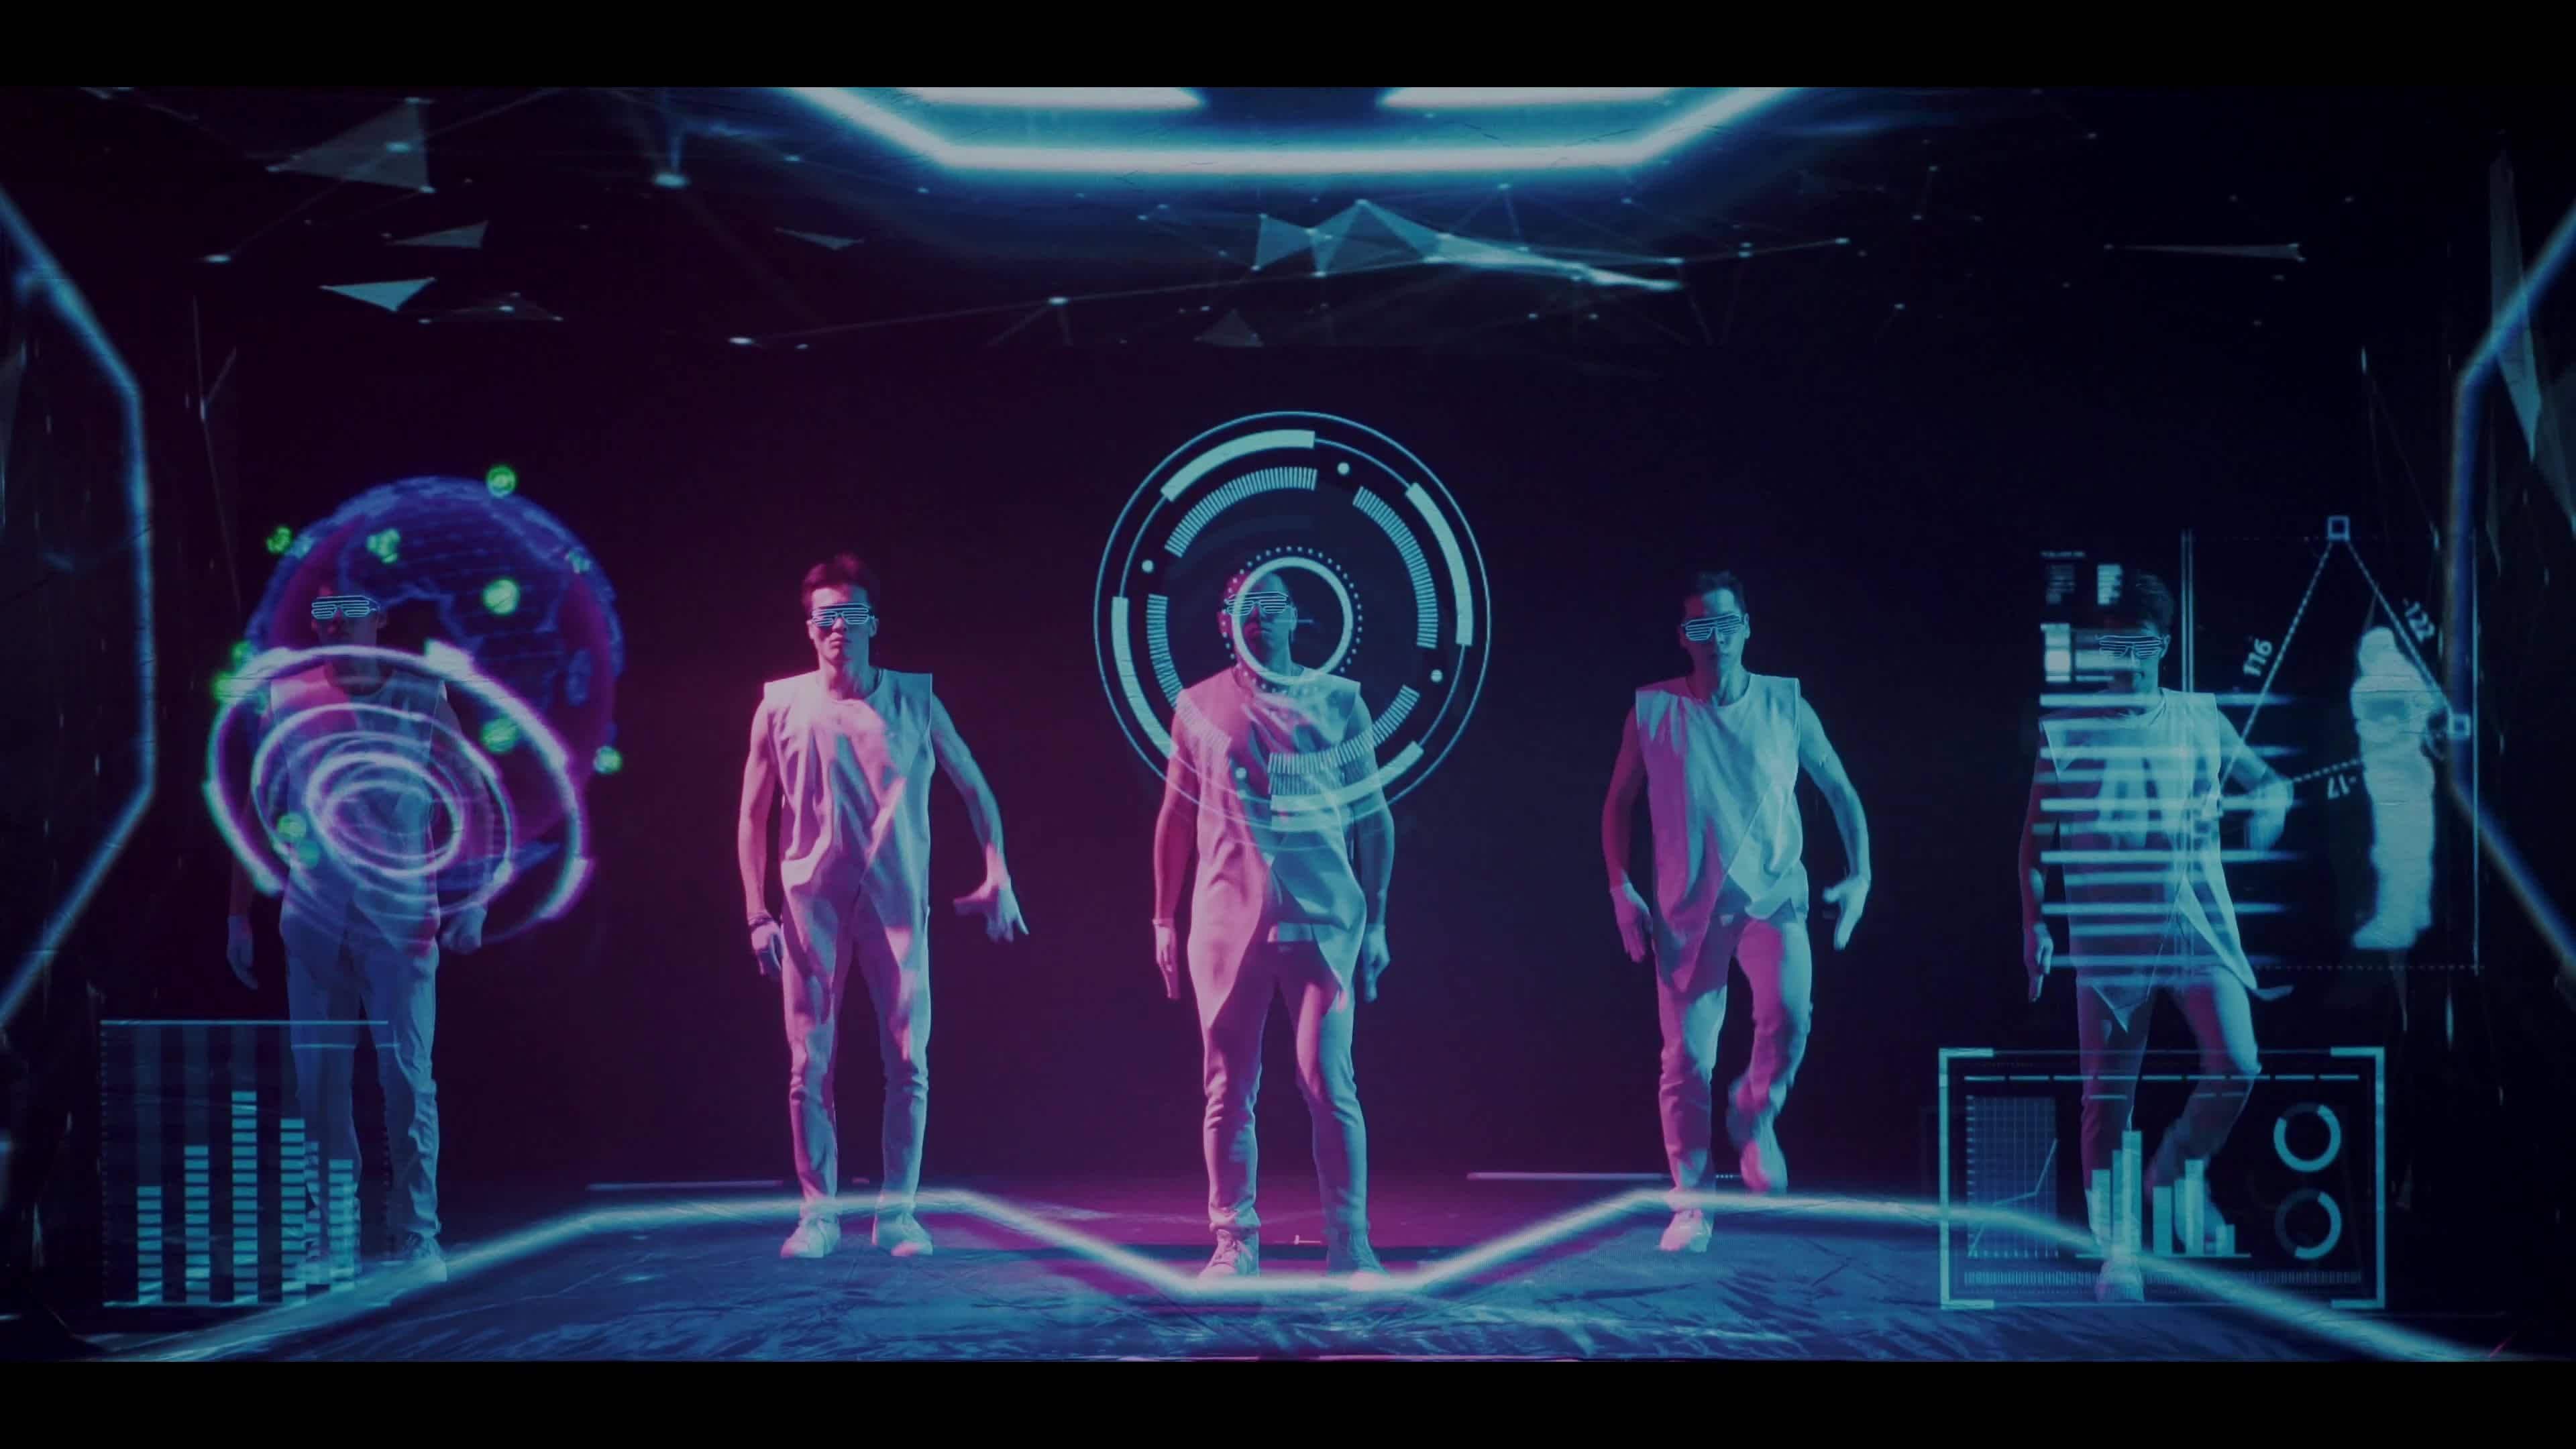 【超猛浮空投影表演】  2019超級未來戰士NEXT STAR 運用浮空投影做出最擬真的影像效果 結合科技感與cyber punk色調風格  運用非凡的身體舞蹈能力結合光影科技 穿越在虛擬空間與現實舞台之間 將動畫和舞蹈的互動推向最極致  做出震憾極致科技感的光影演出 憾動全場目光焦點   製作:  Next Creative  創意編導: 陳君霖 Juns Chen   動畫總監: 劉庭均 TC Liu 動畫製作:  張品綸 3D物件:   宋宣衡 手繪特效: 闕士傑 Kevin Chueh